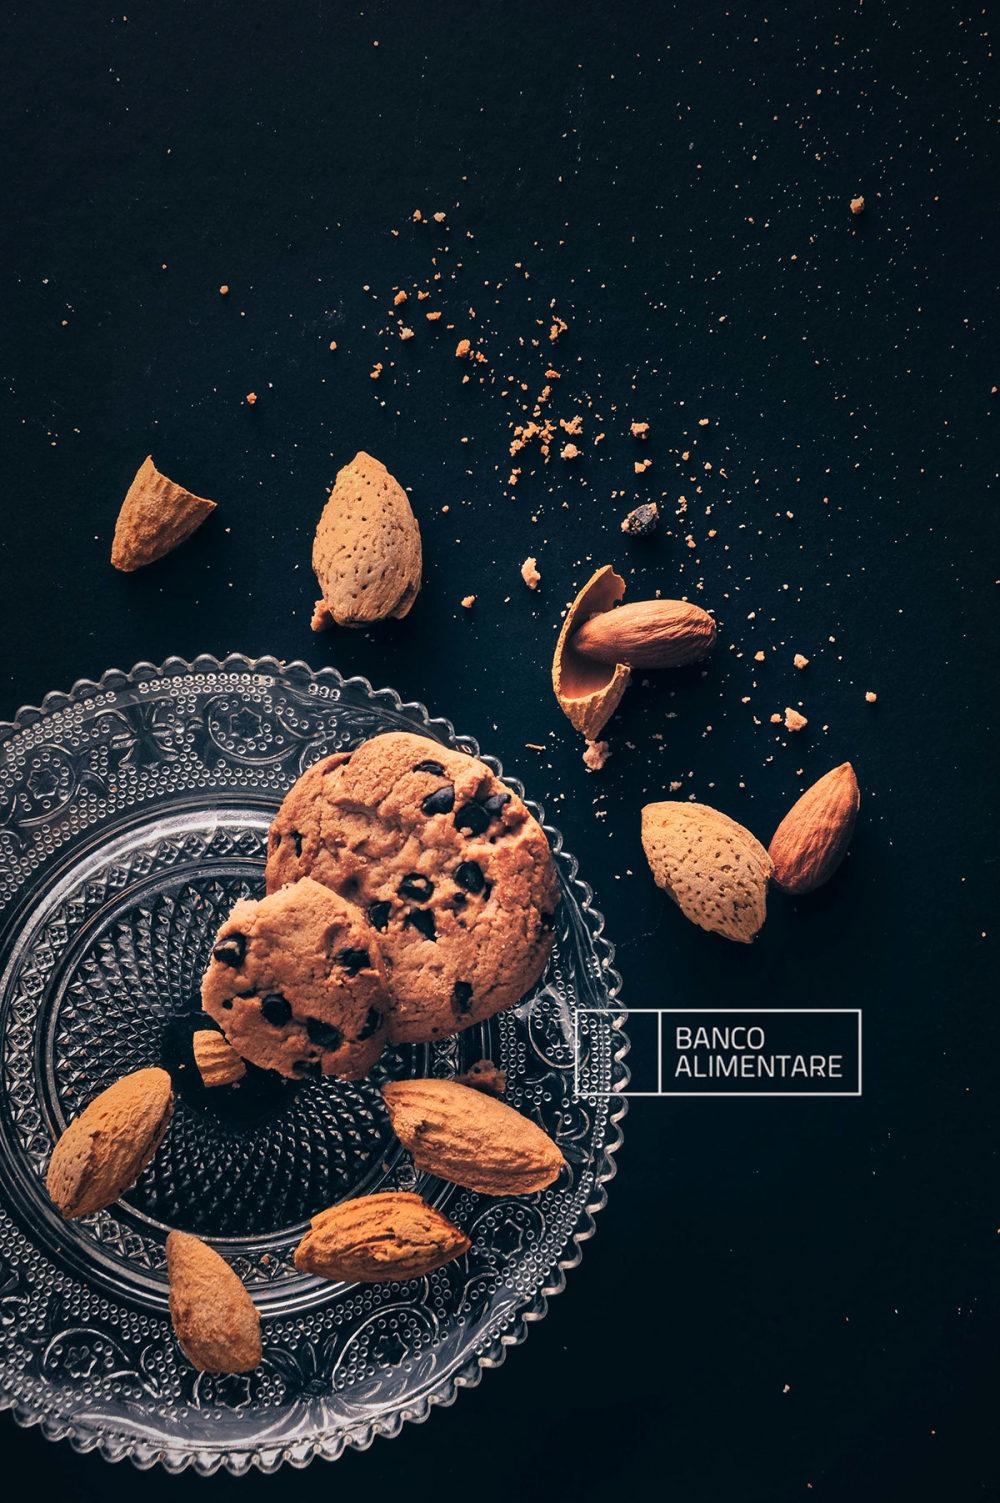 平面/廣告 海報 創意海報 餅干創意食物海報  搜索              加載